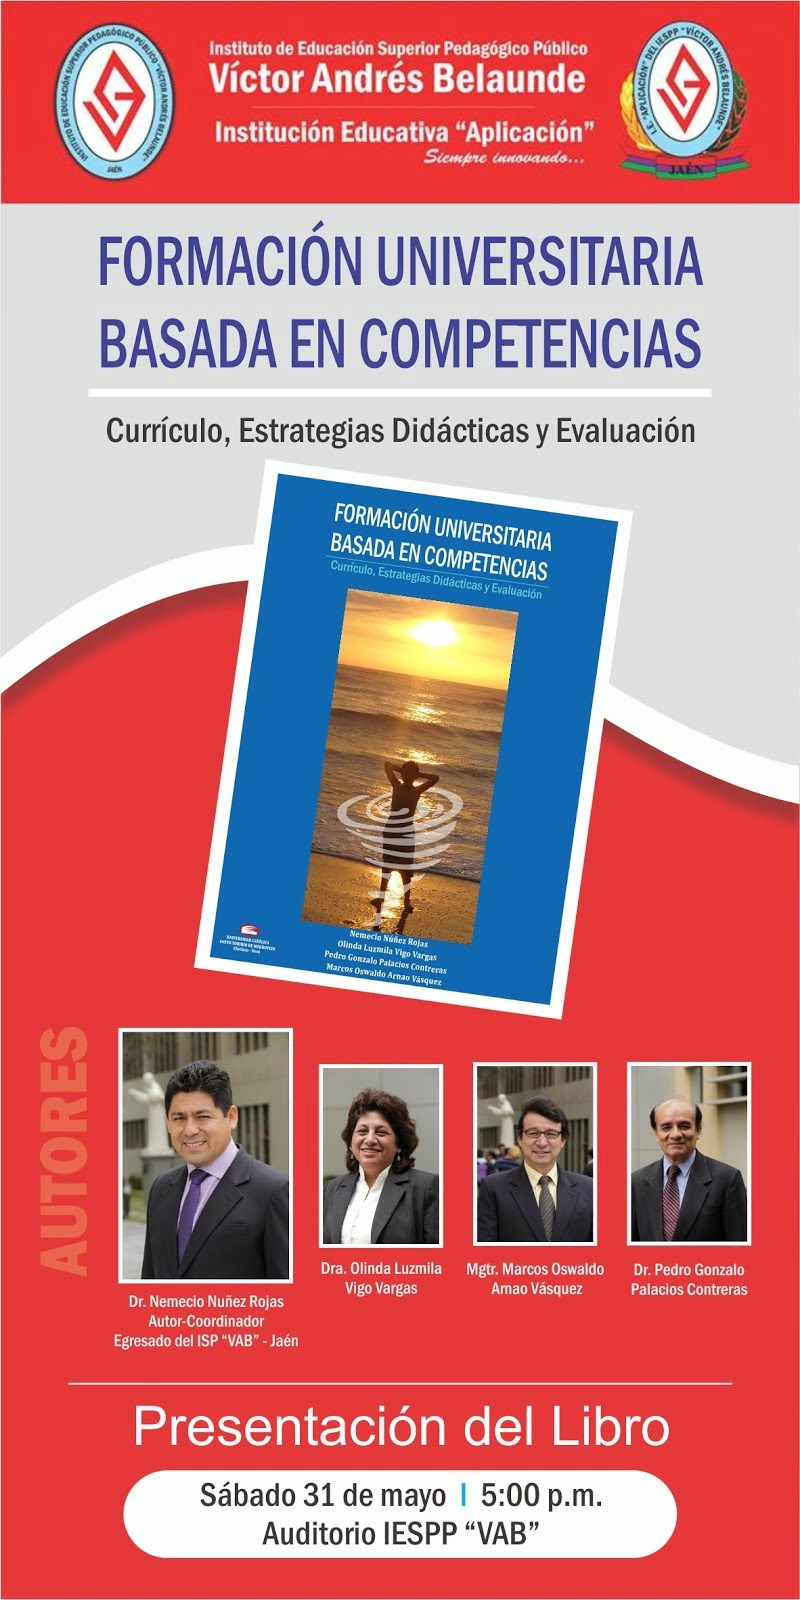 Presentación de mi Libro, Jaén - Perú